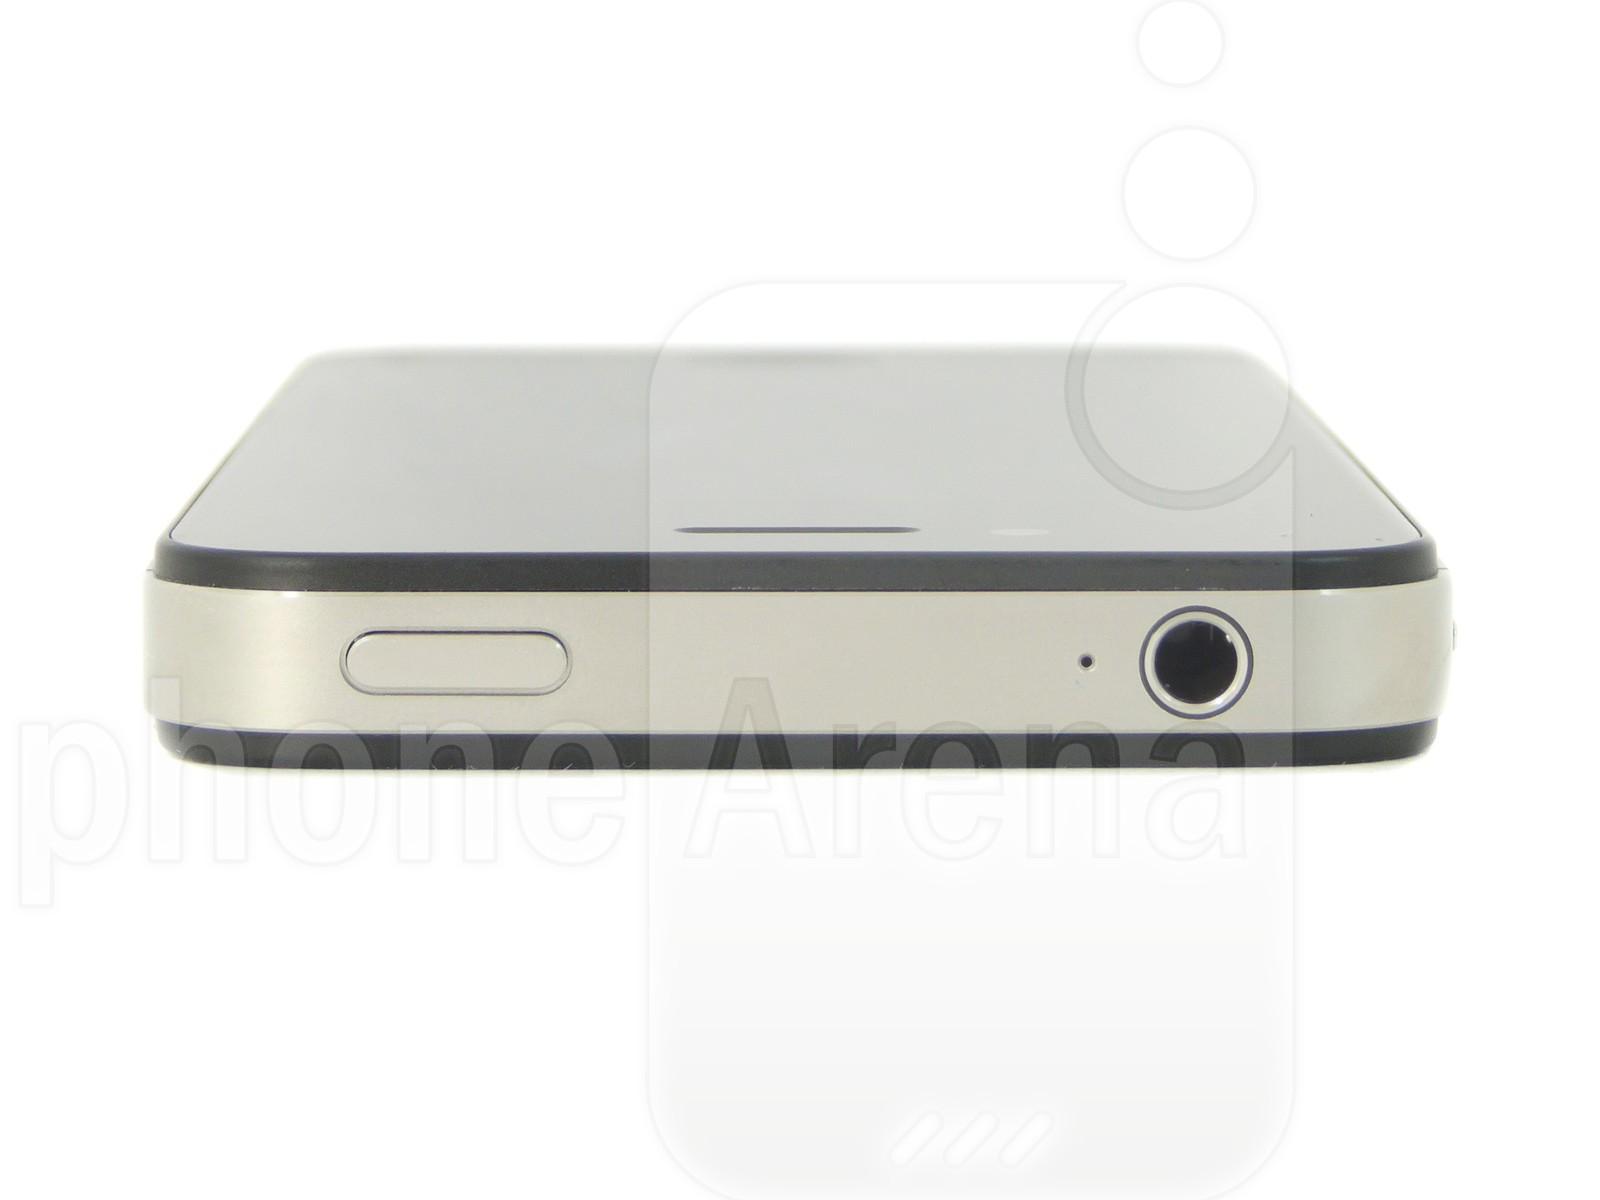 Apple iPhone 4s 11